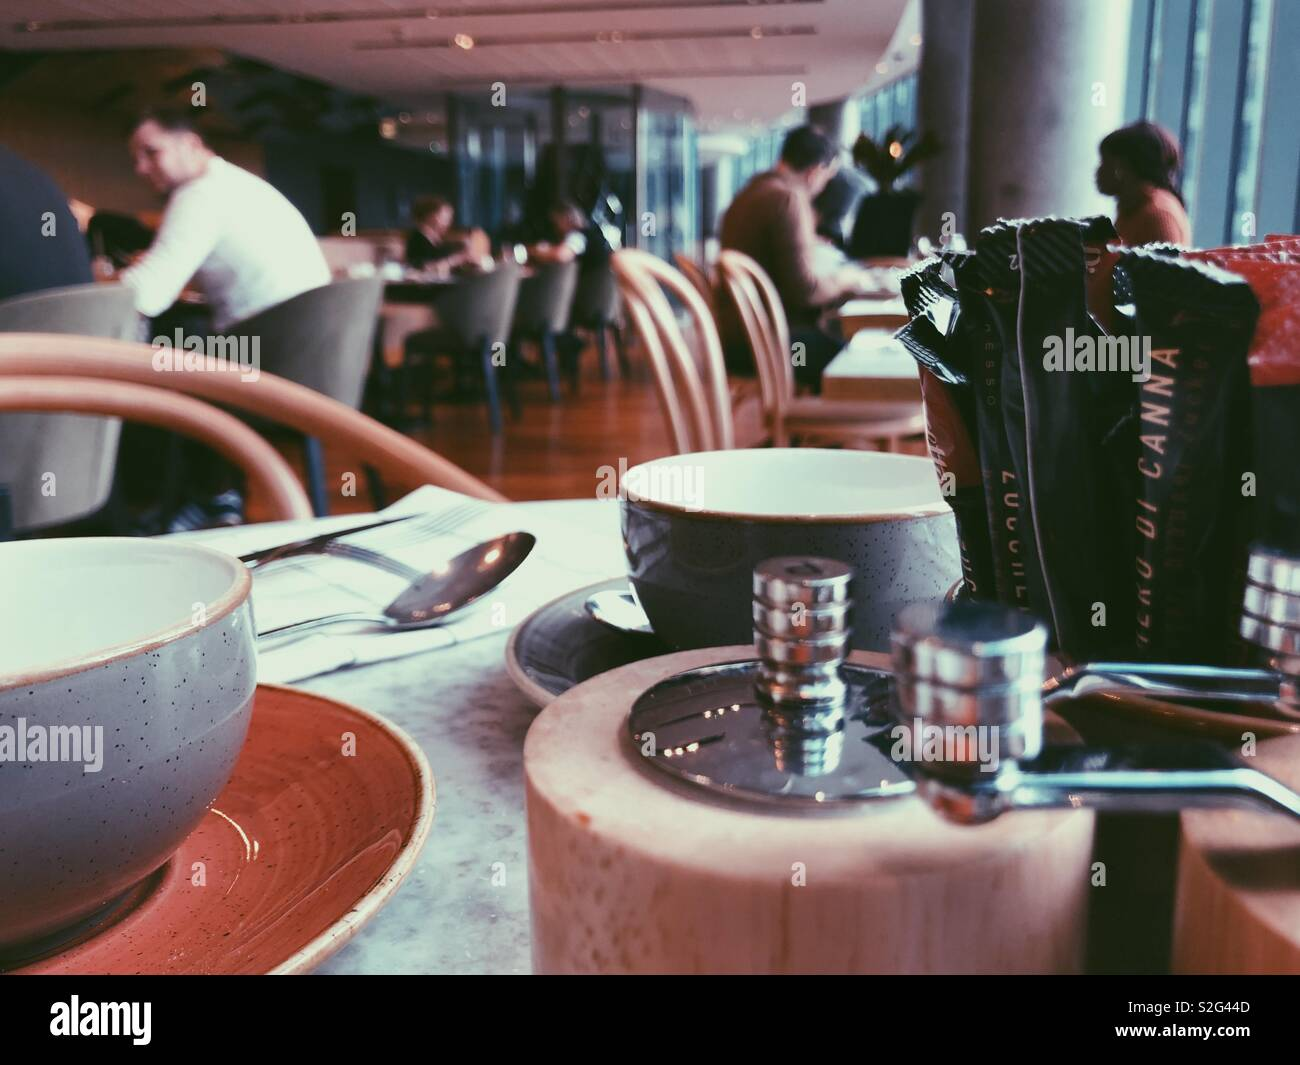 Vista de tabla de gente sentada en el bufé romper tablas en un hotel típico de Reino Unido. Foto de stock